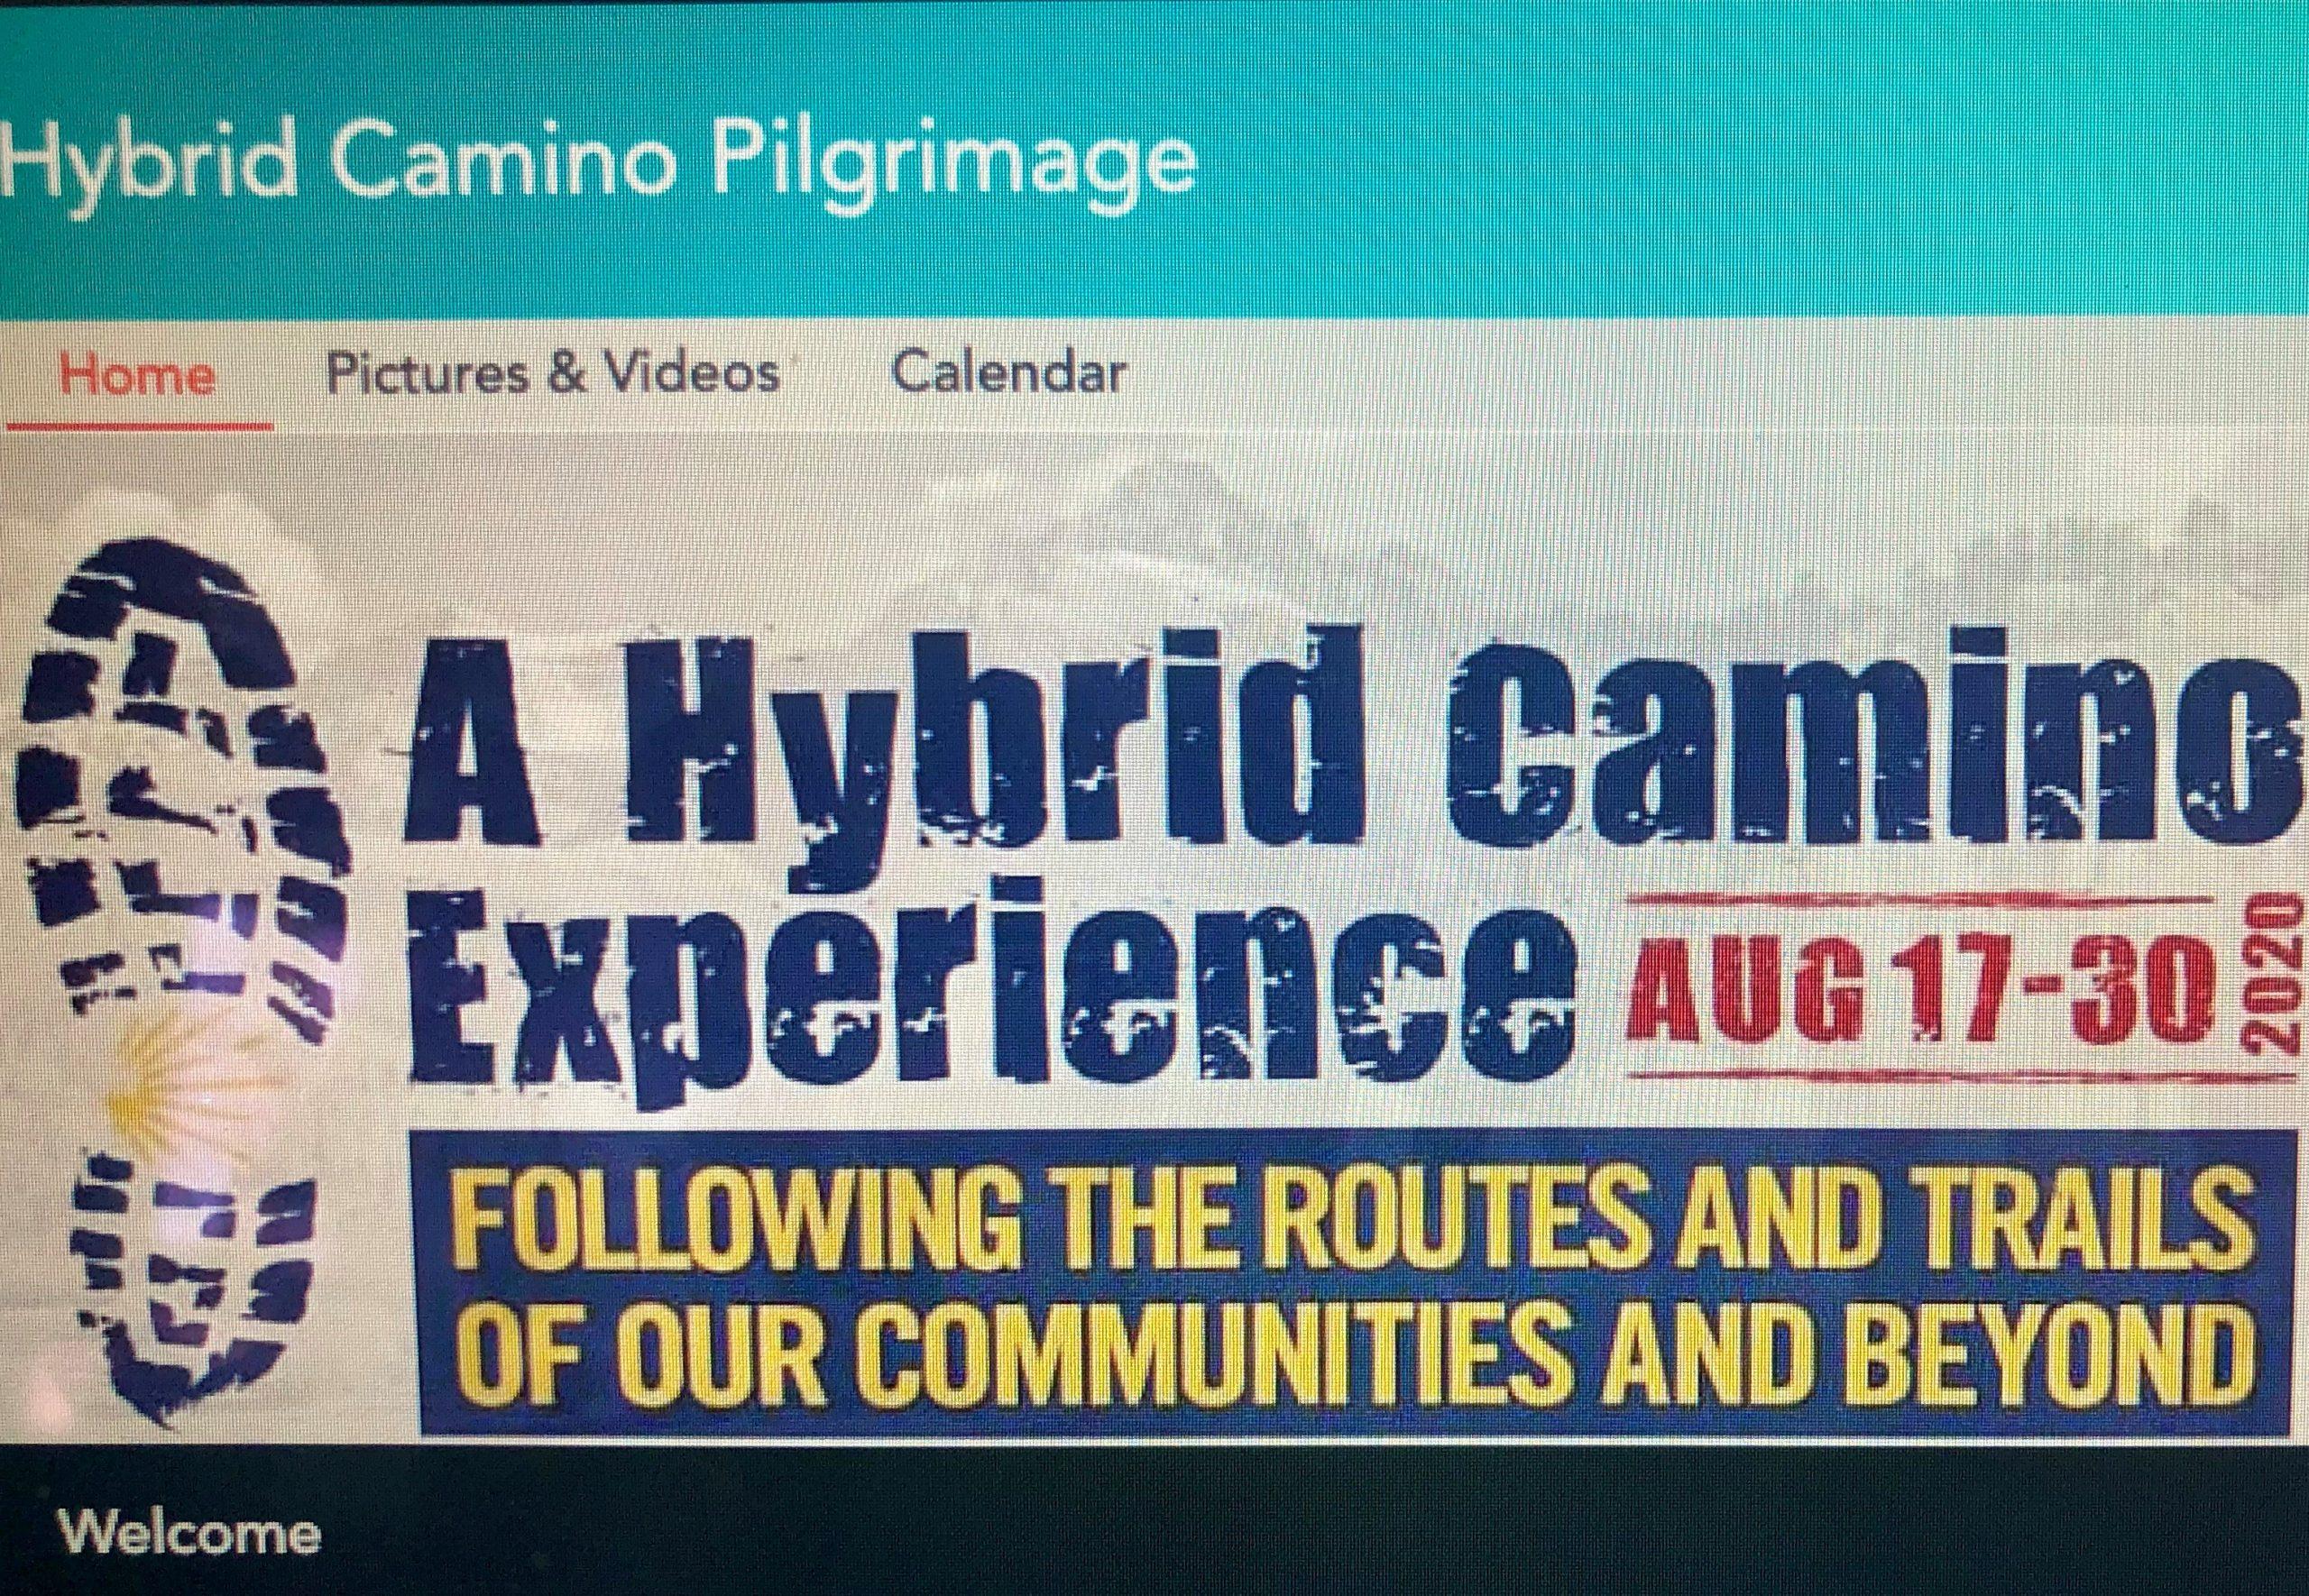 Episcopal Church in Colorado - 2020 Virtual Camino